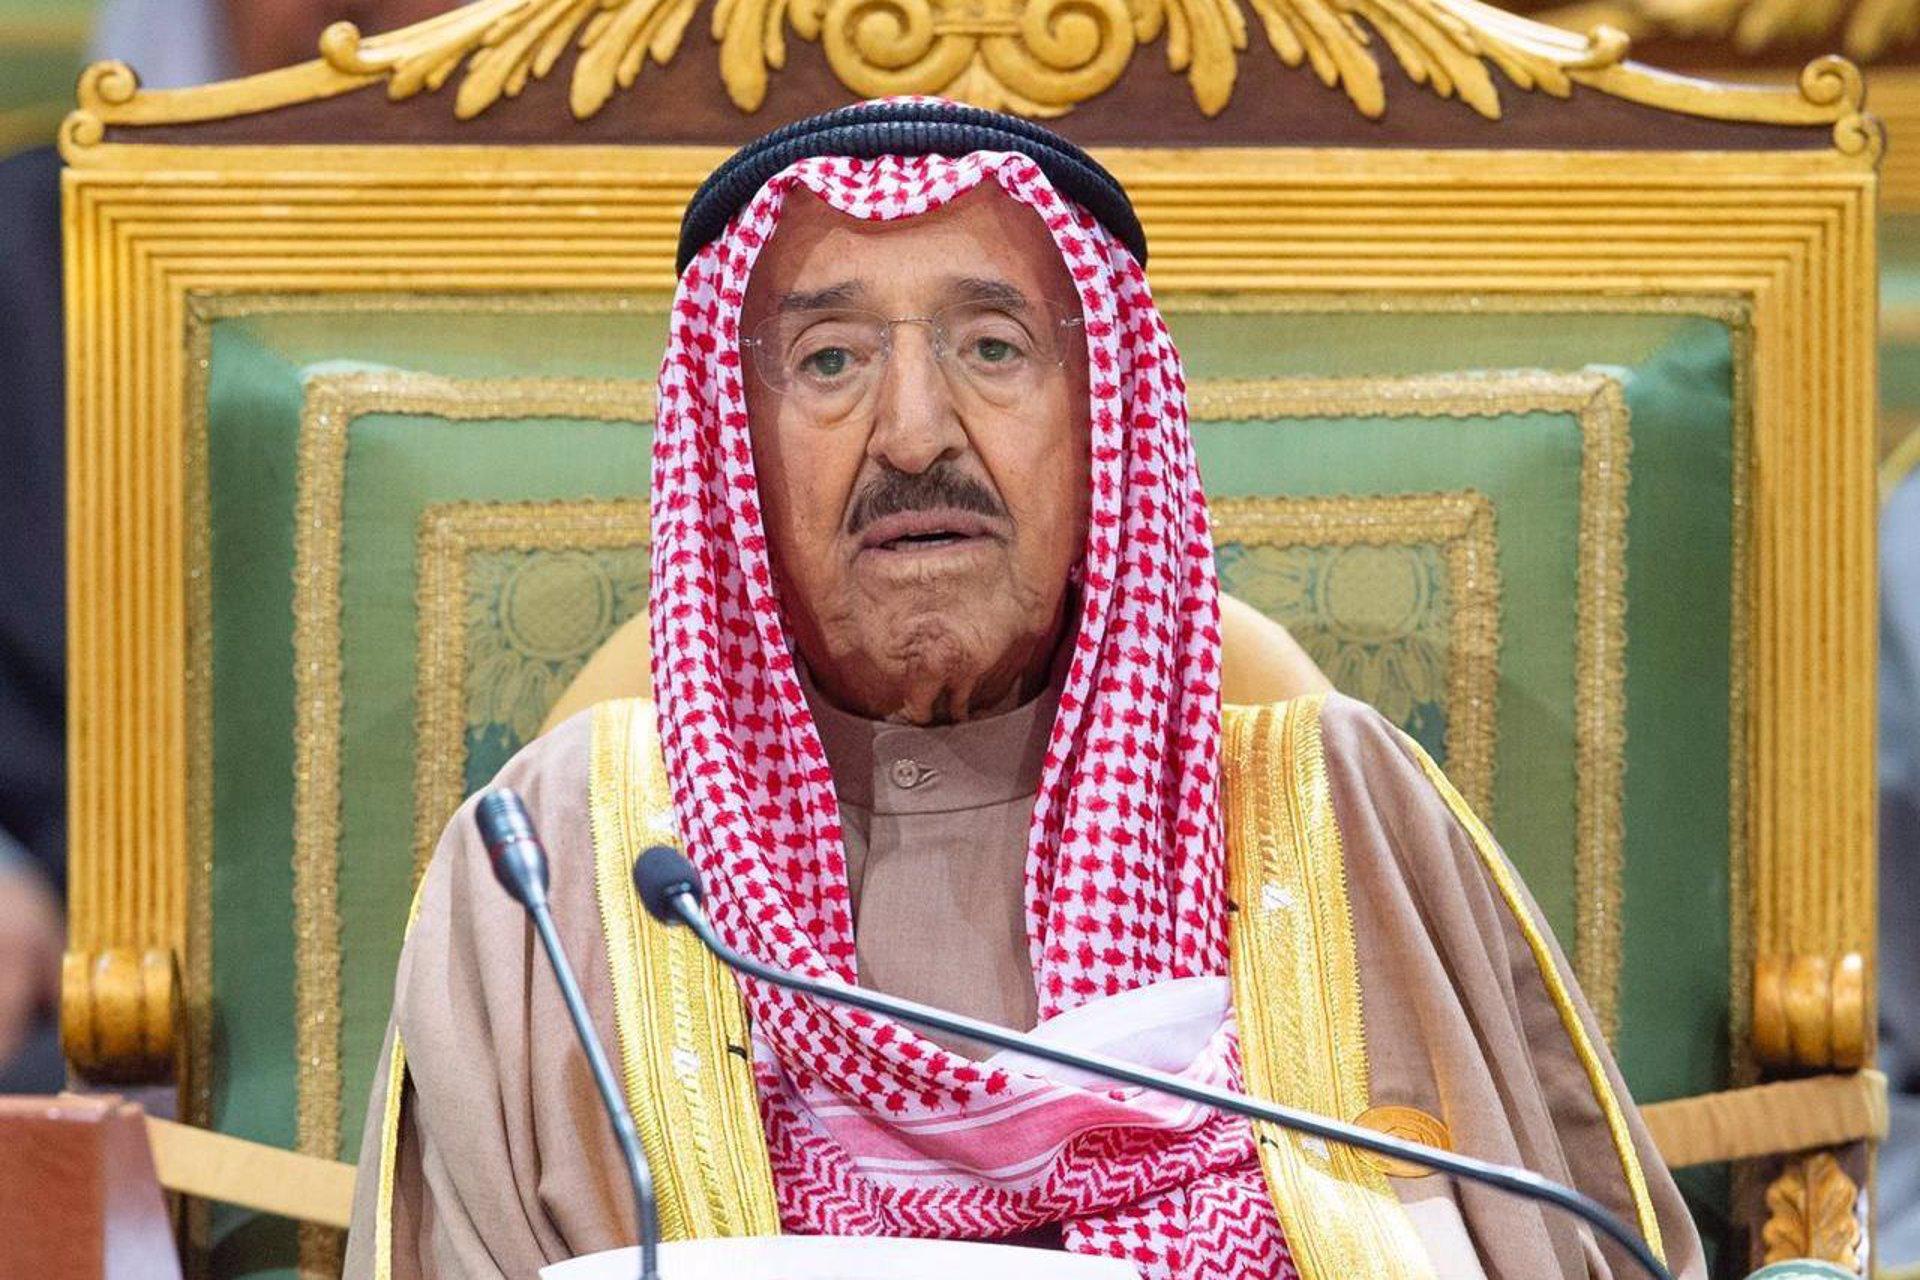 Murió el emir de Kuwait Sabah al-Ahmad al-Sabah